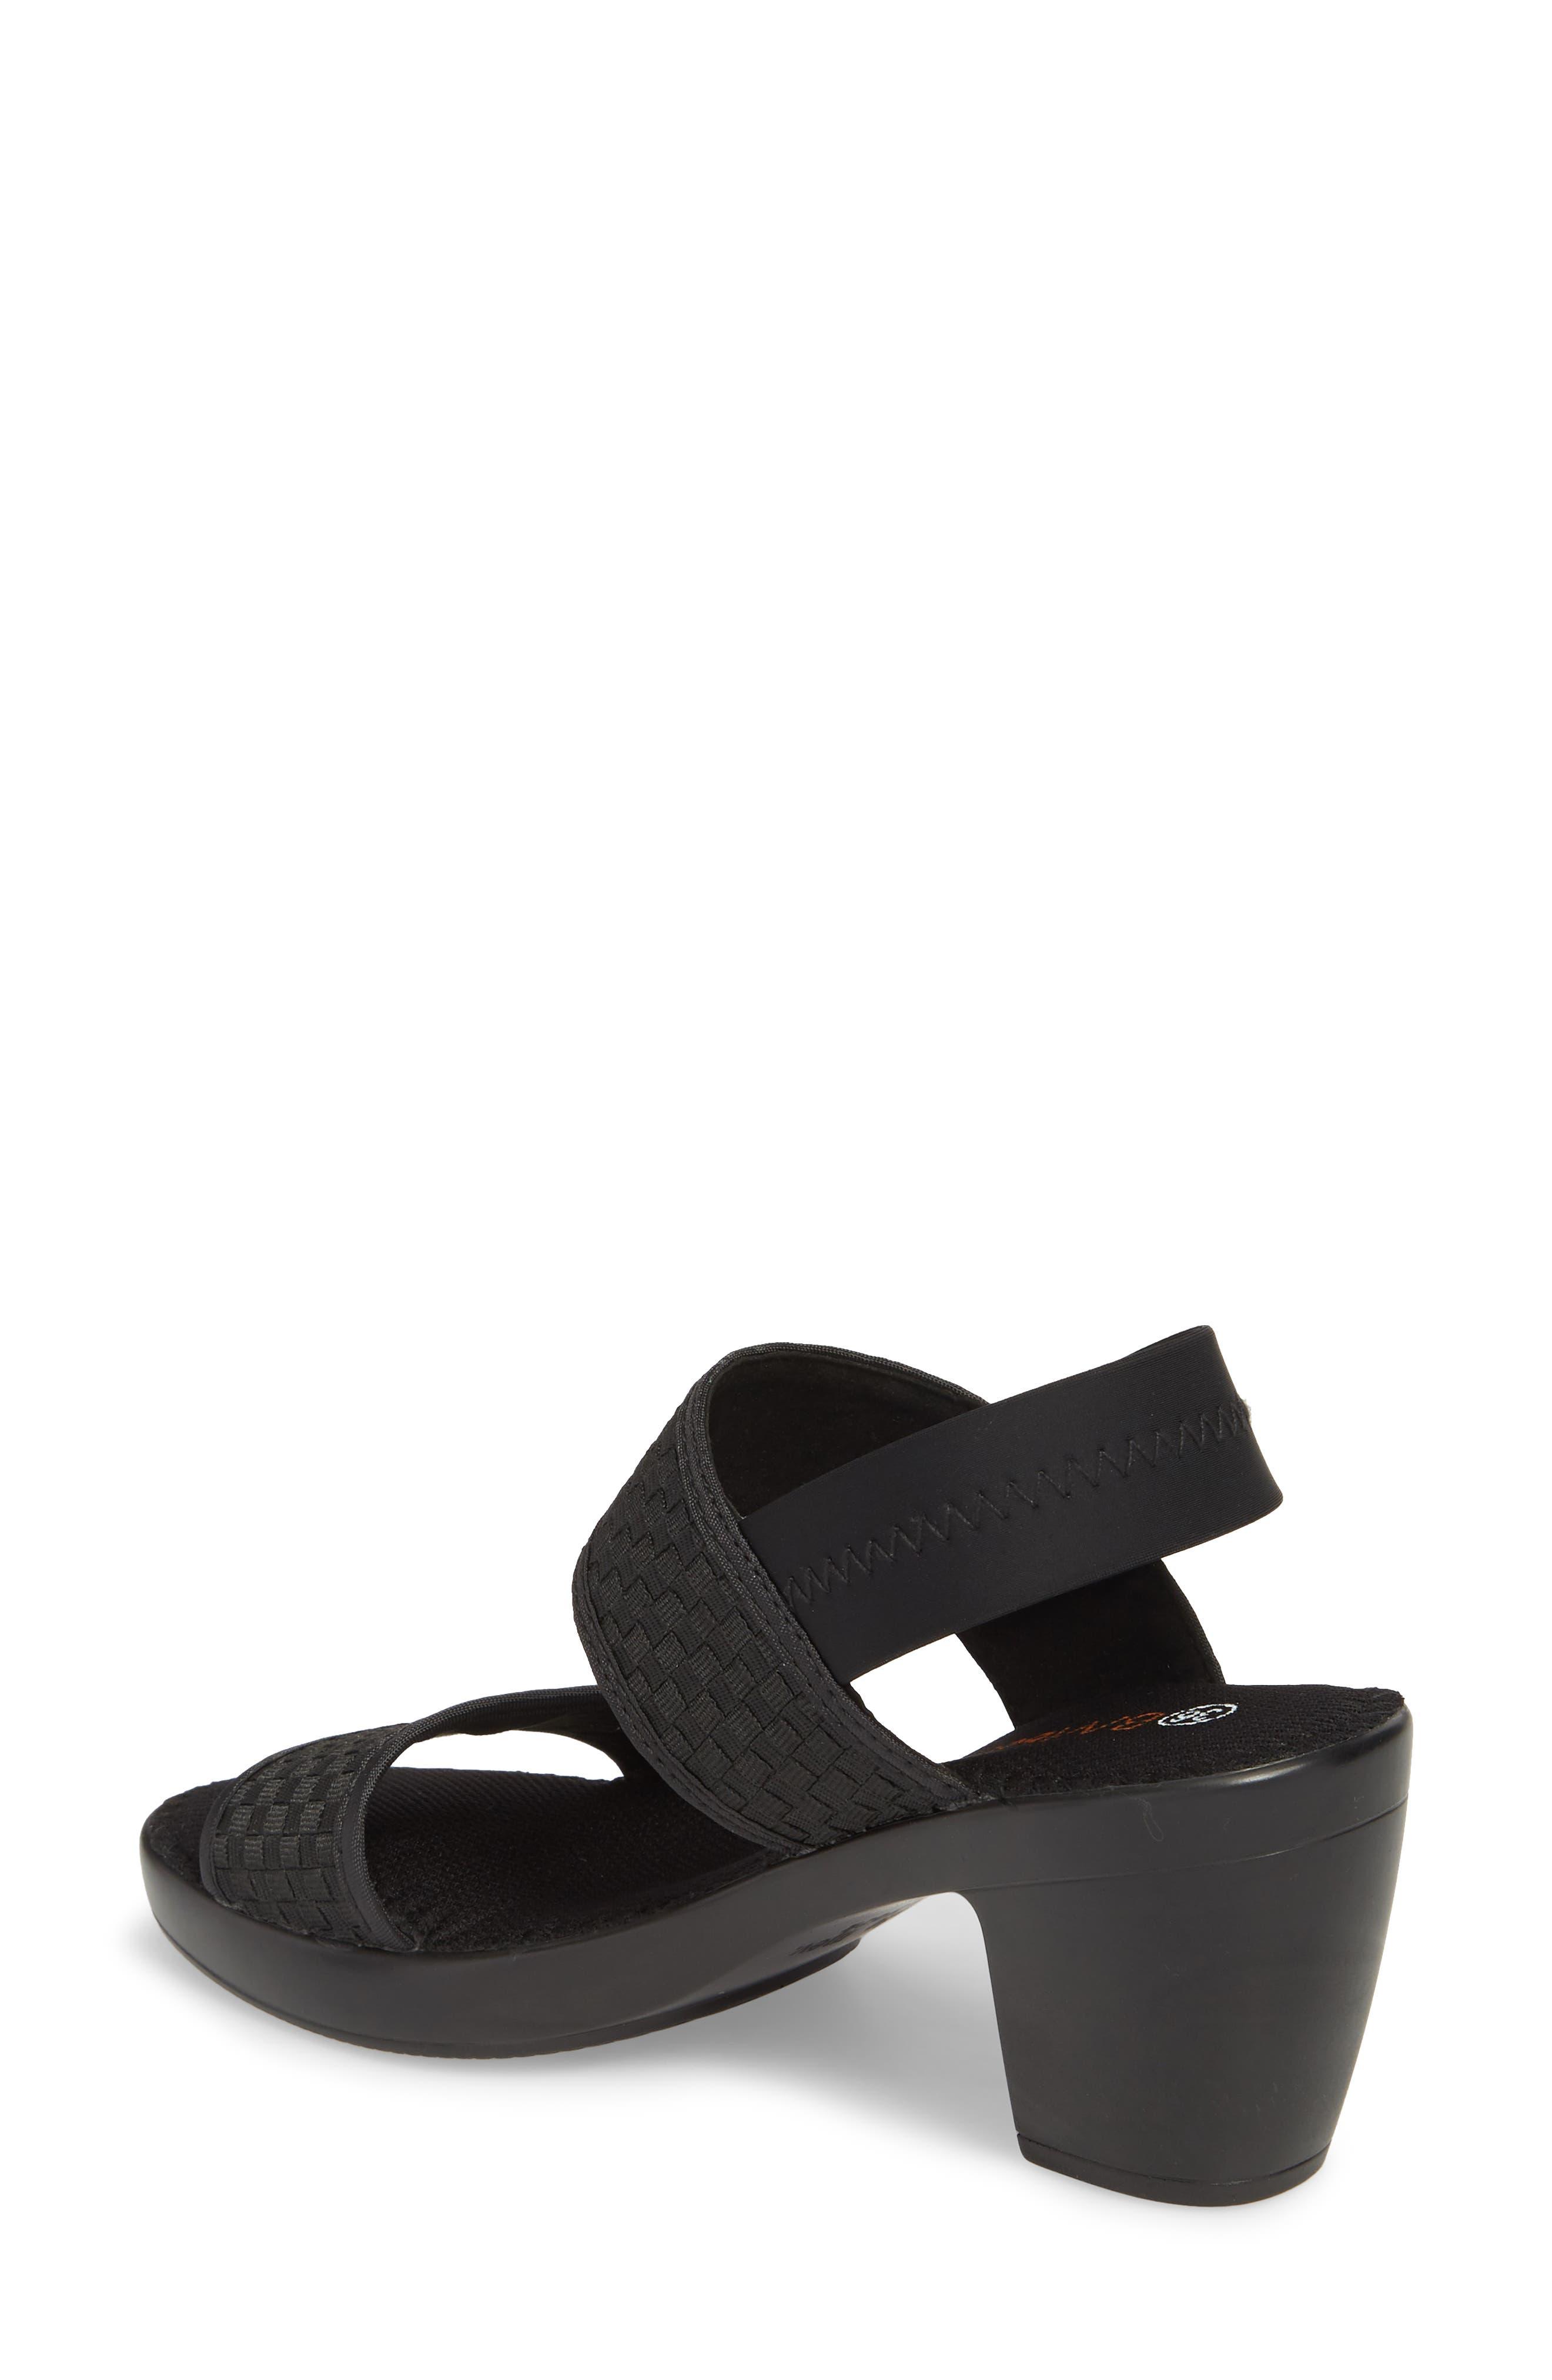 Santorini Sandal,                             Alternate thumbnail 2, color,                             BLACK FABRIC